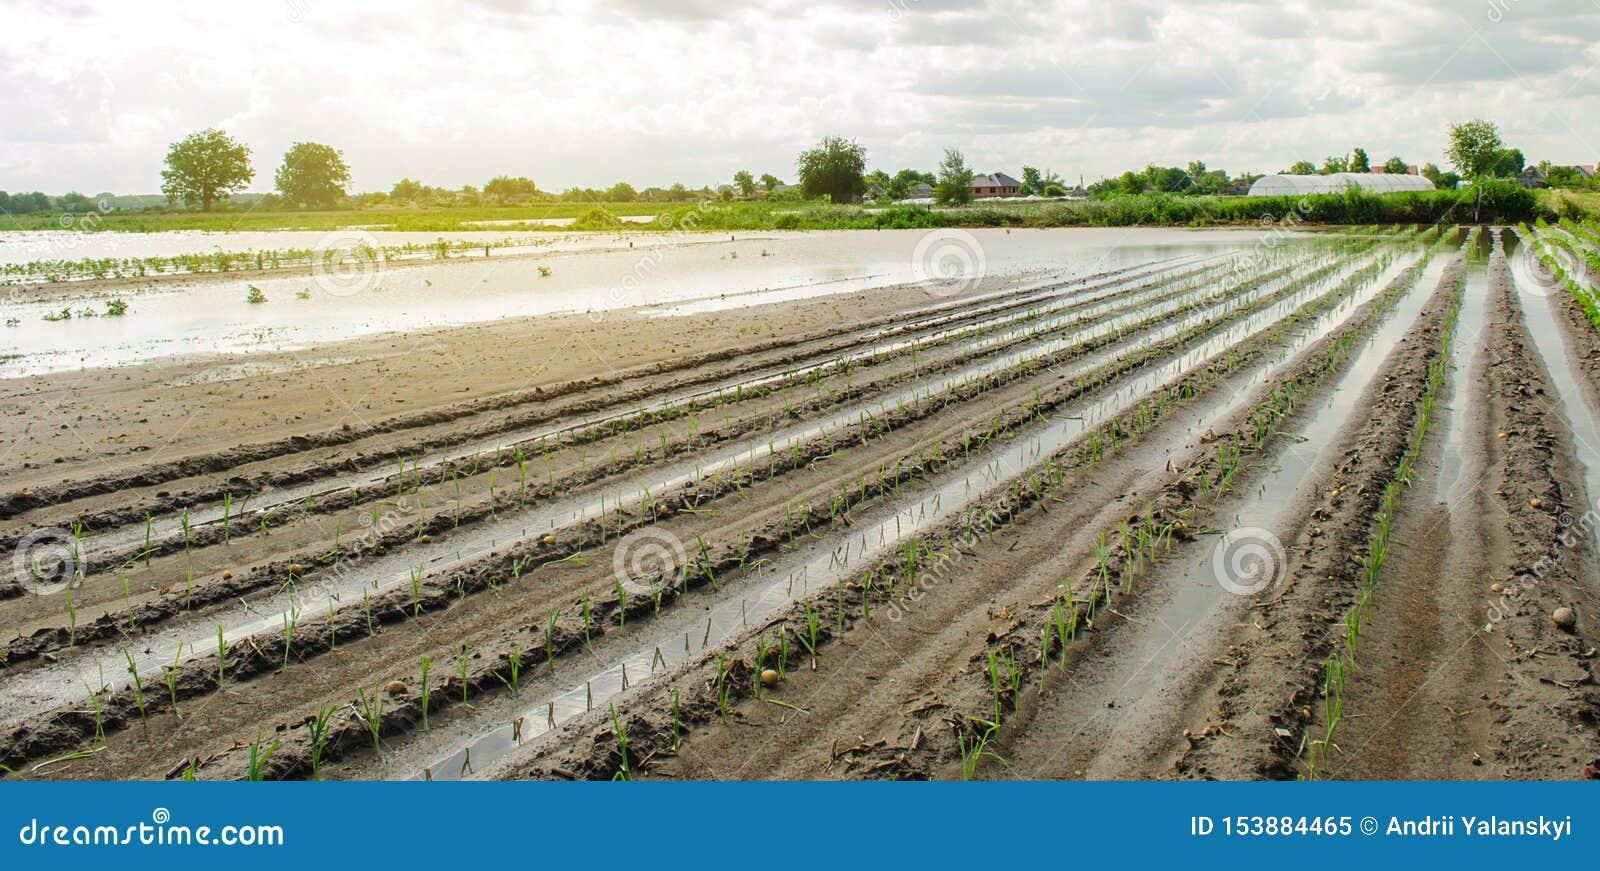 Затопленное поле в результате стихийного бедствия Тяжелые осадки и затоплять Повреждение к земледелию Потерянные сельскохозяйстве